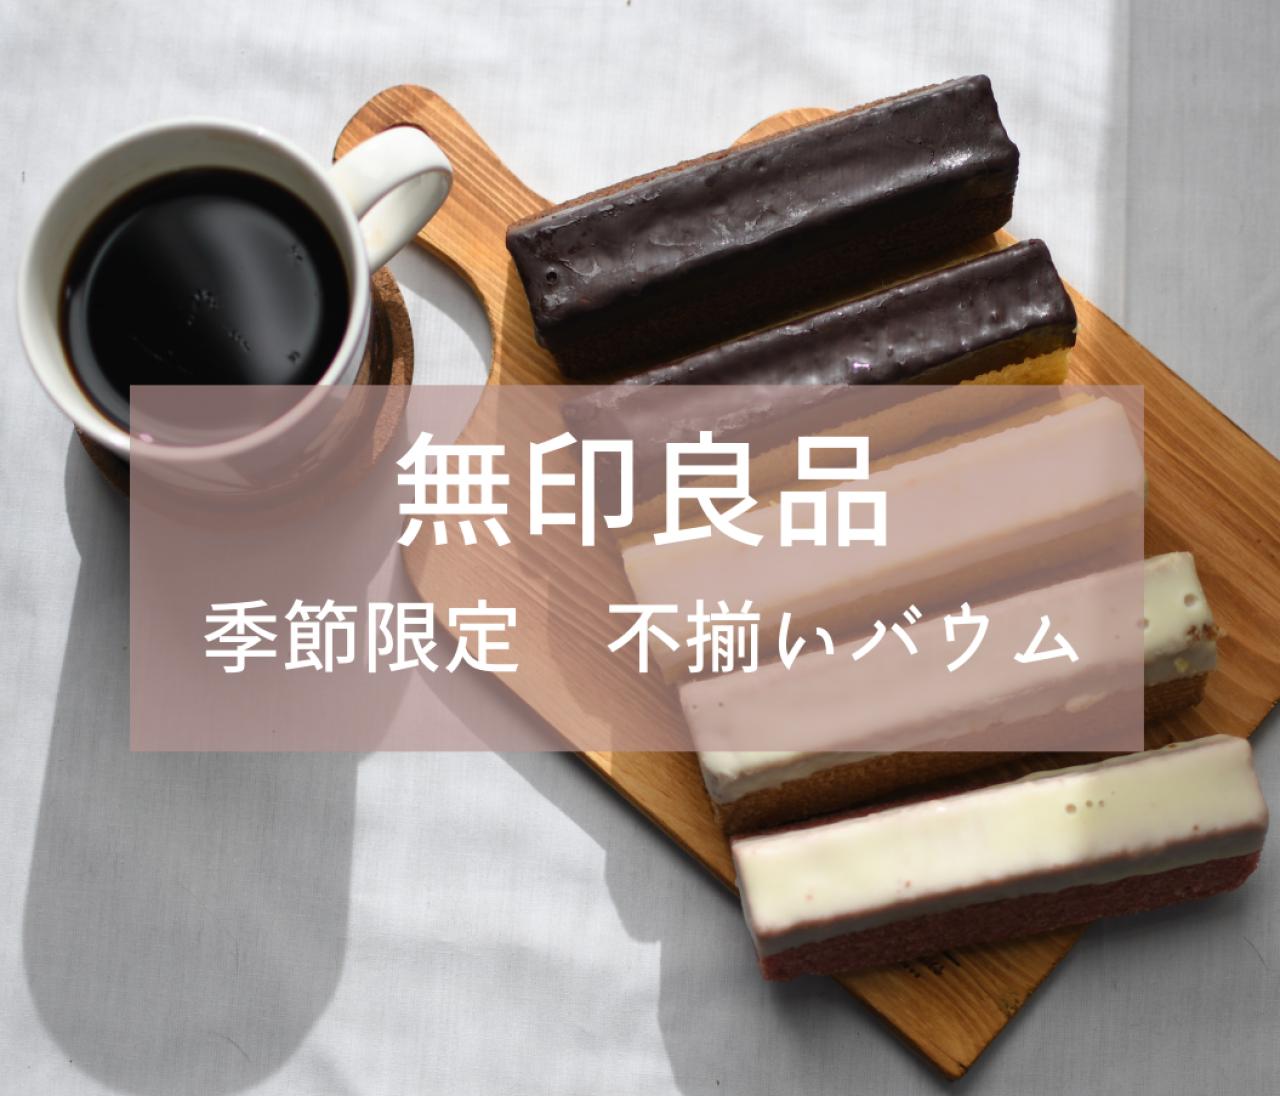 【無印良品】「不揃いバウム」、季節限定フレーバー5選!不動のお菓子ランキング1位をお試し♡